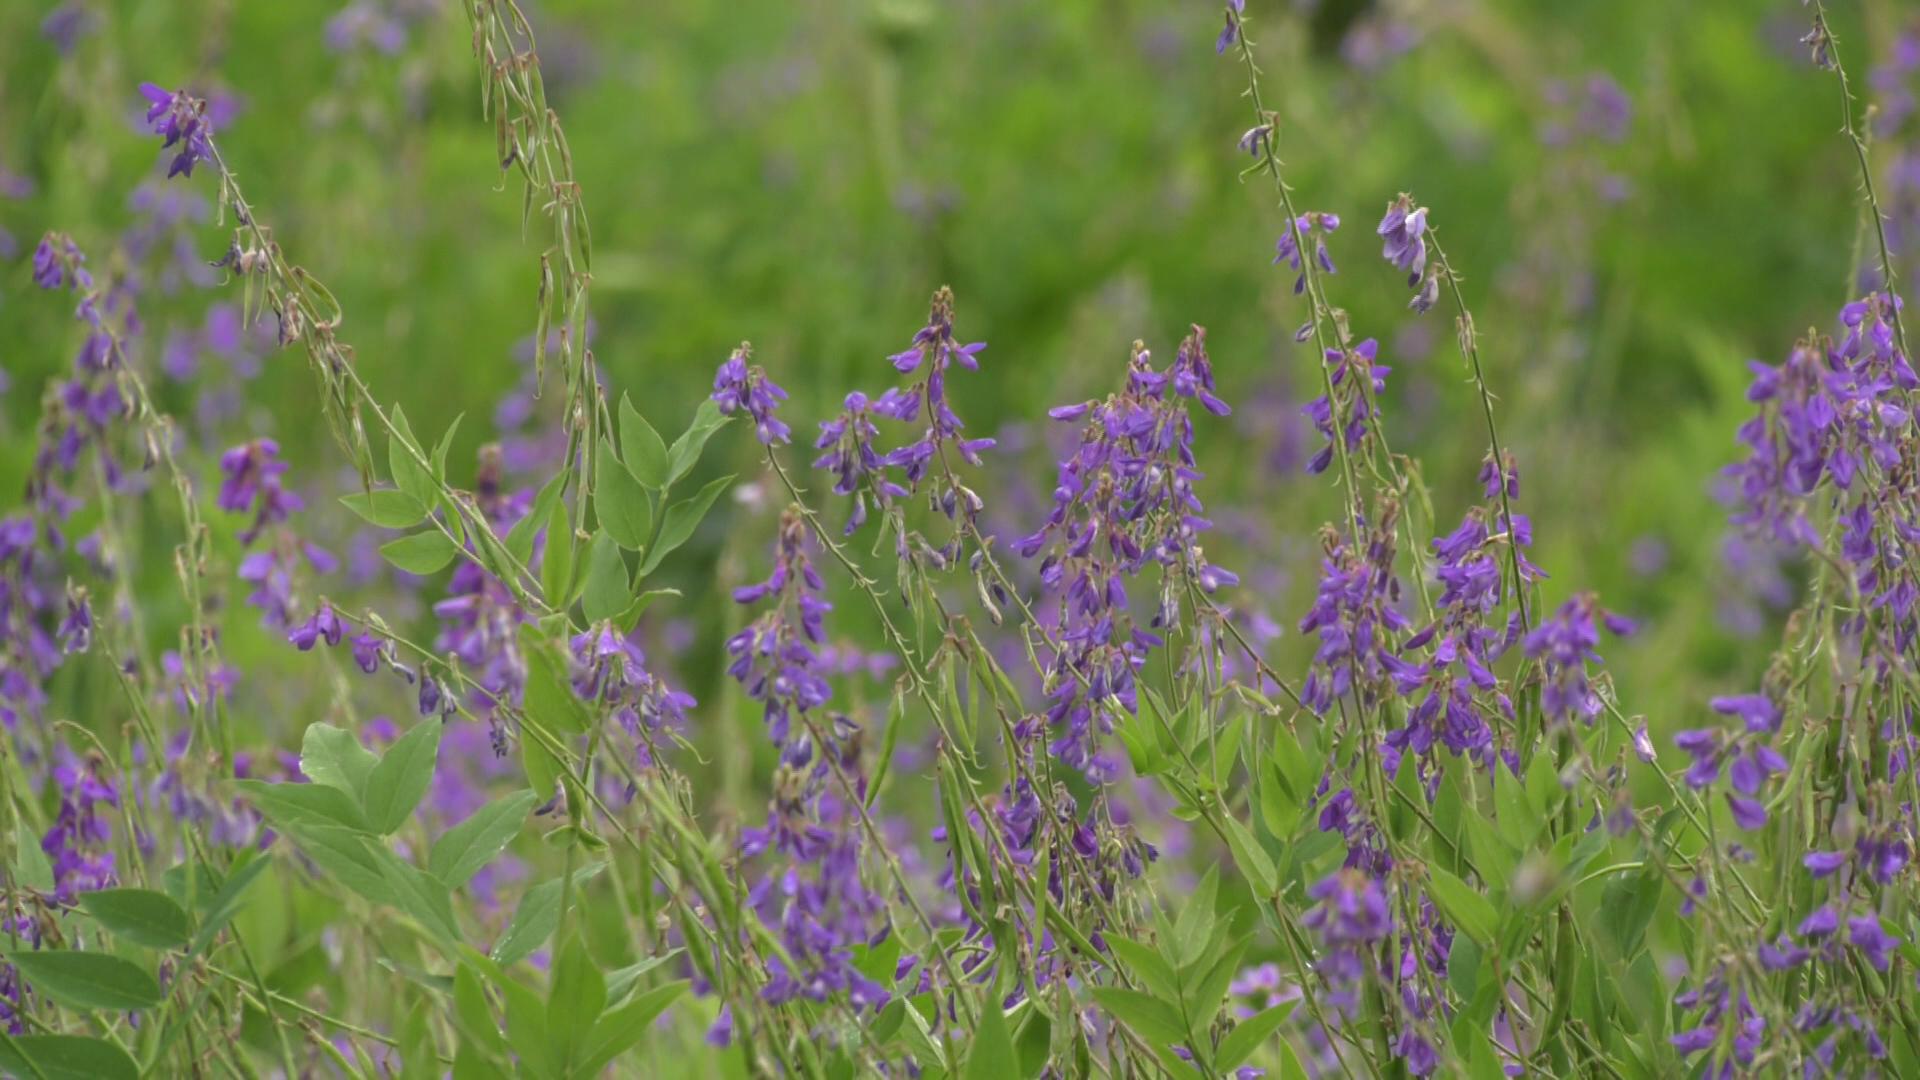 trava - Как быть успешным в агробизнесе? Шумилинский фермер Юрий Семёнов (видео)